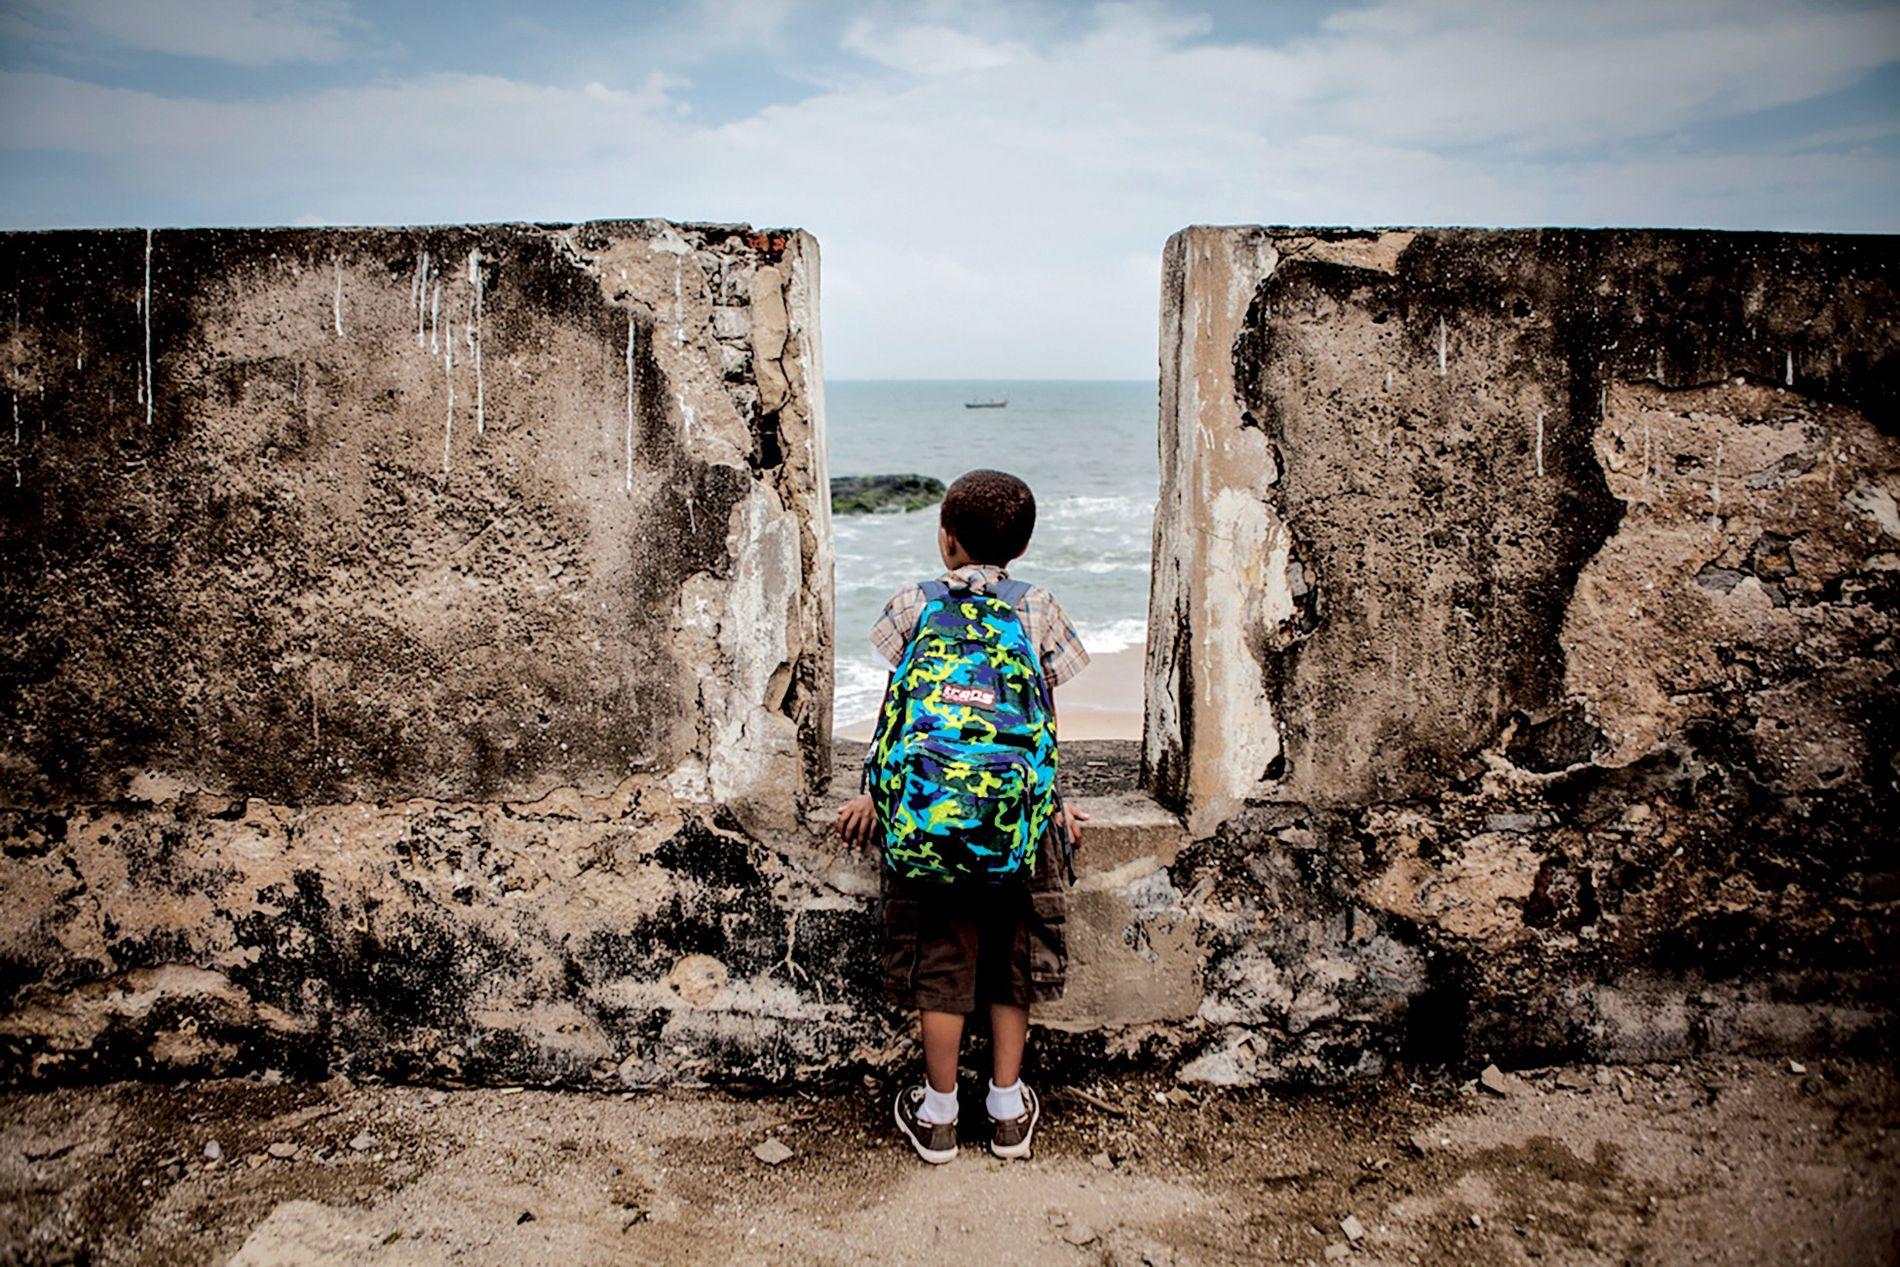 Un jeune touriste américain issu de la 11e génération de descendance des esclaves scrute l'horizon depuis Fort William au Ghana, l'un des points de départ de la traite négrière transatlantique.